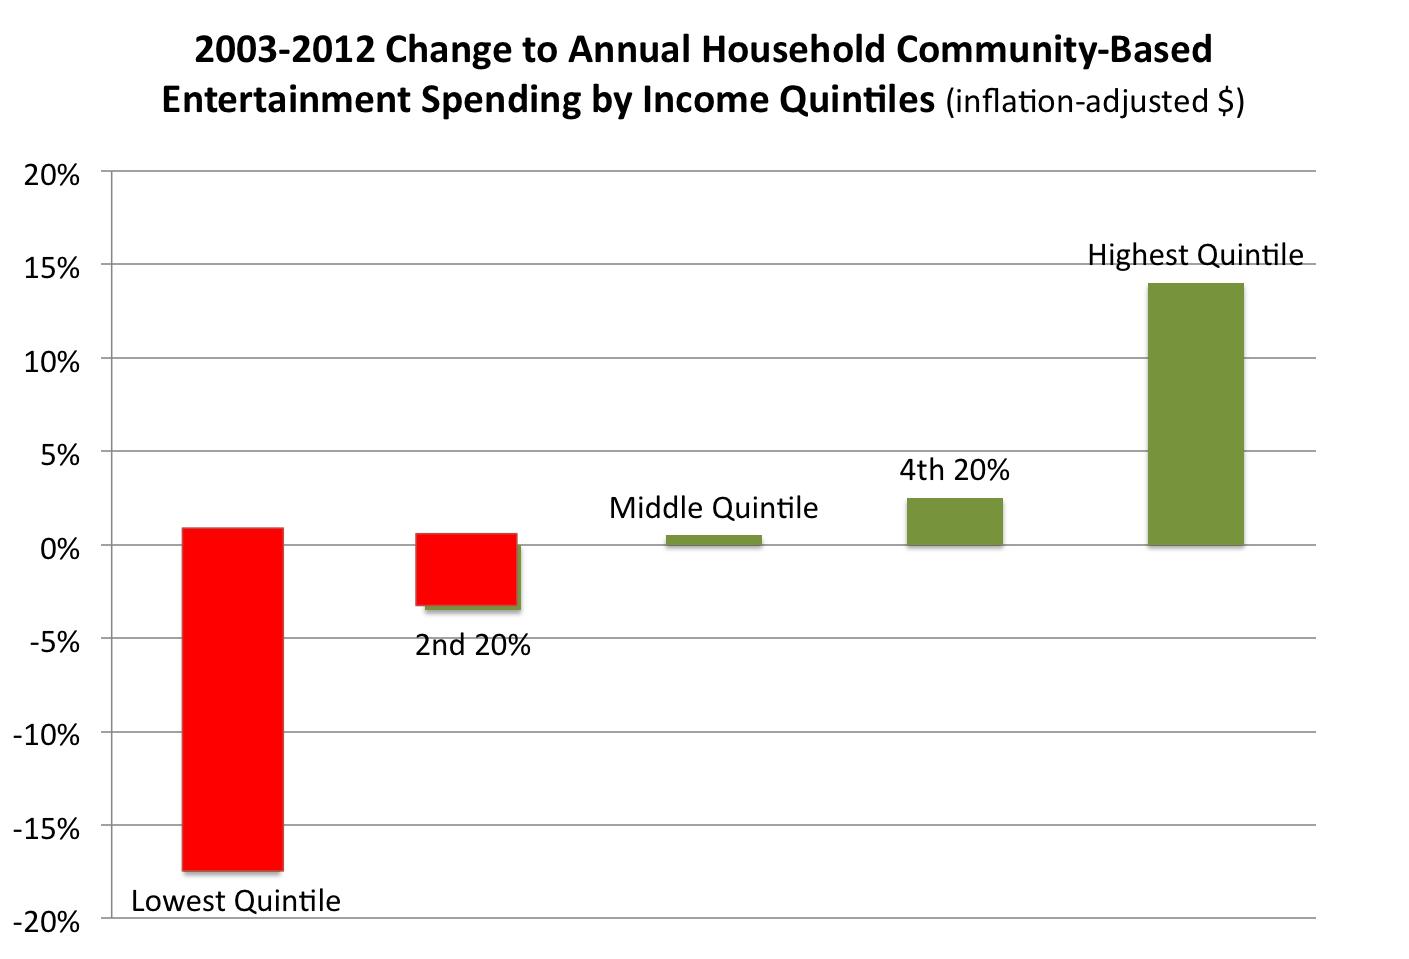 Entertainment quintile spending change 2003-2012